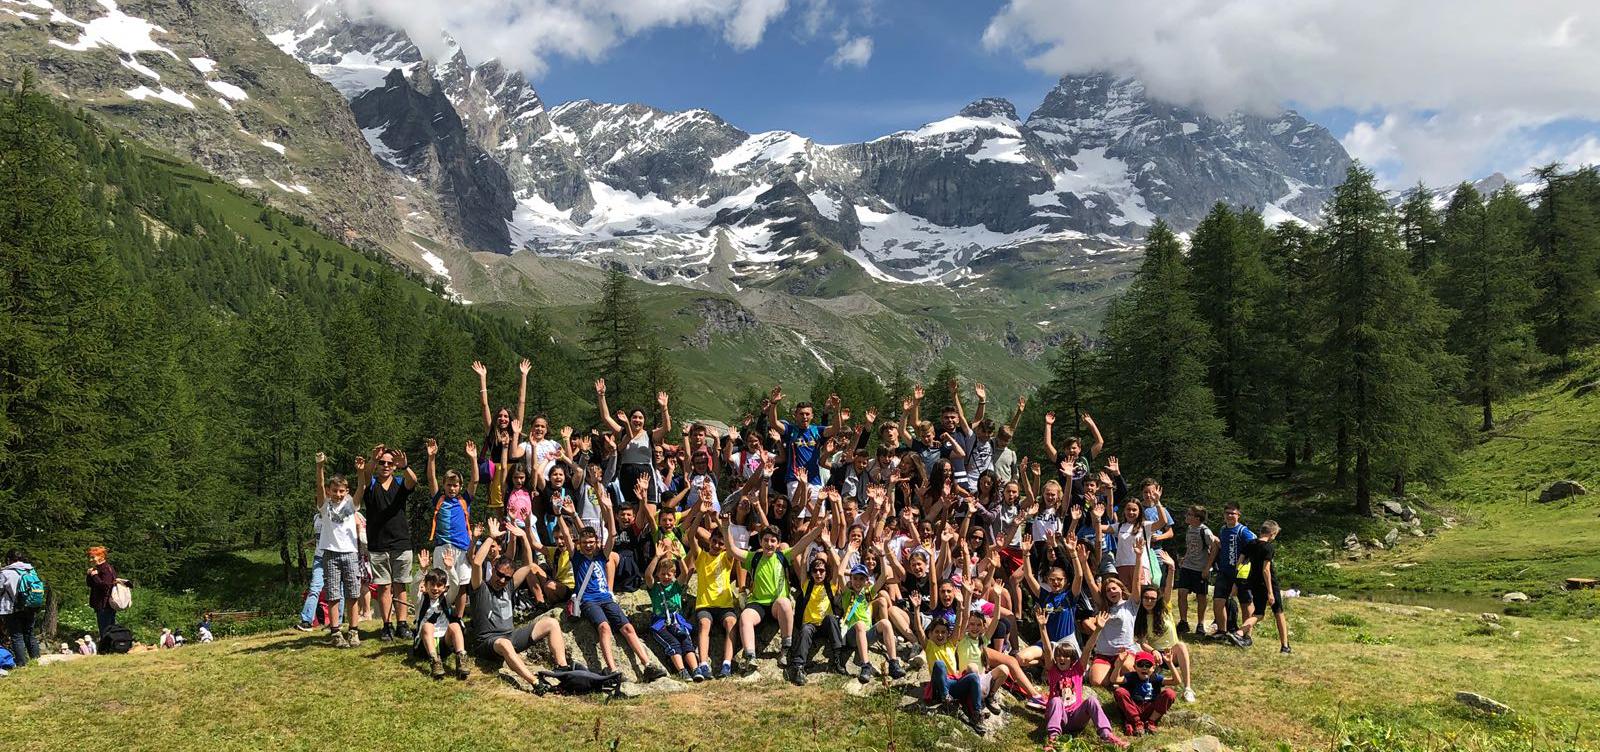 Soggiorno in montagna - Oratorio Estivo - Oratorio Don Bosco ...